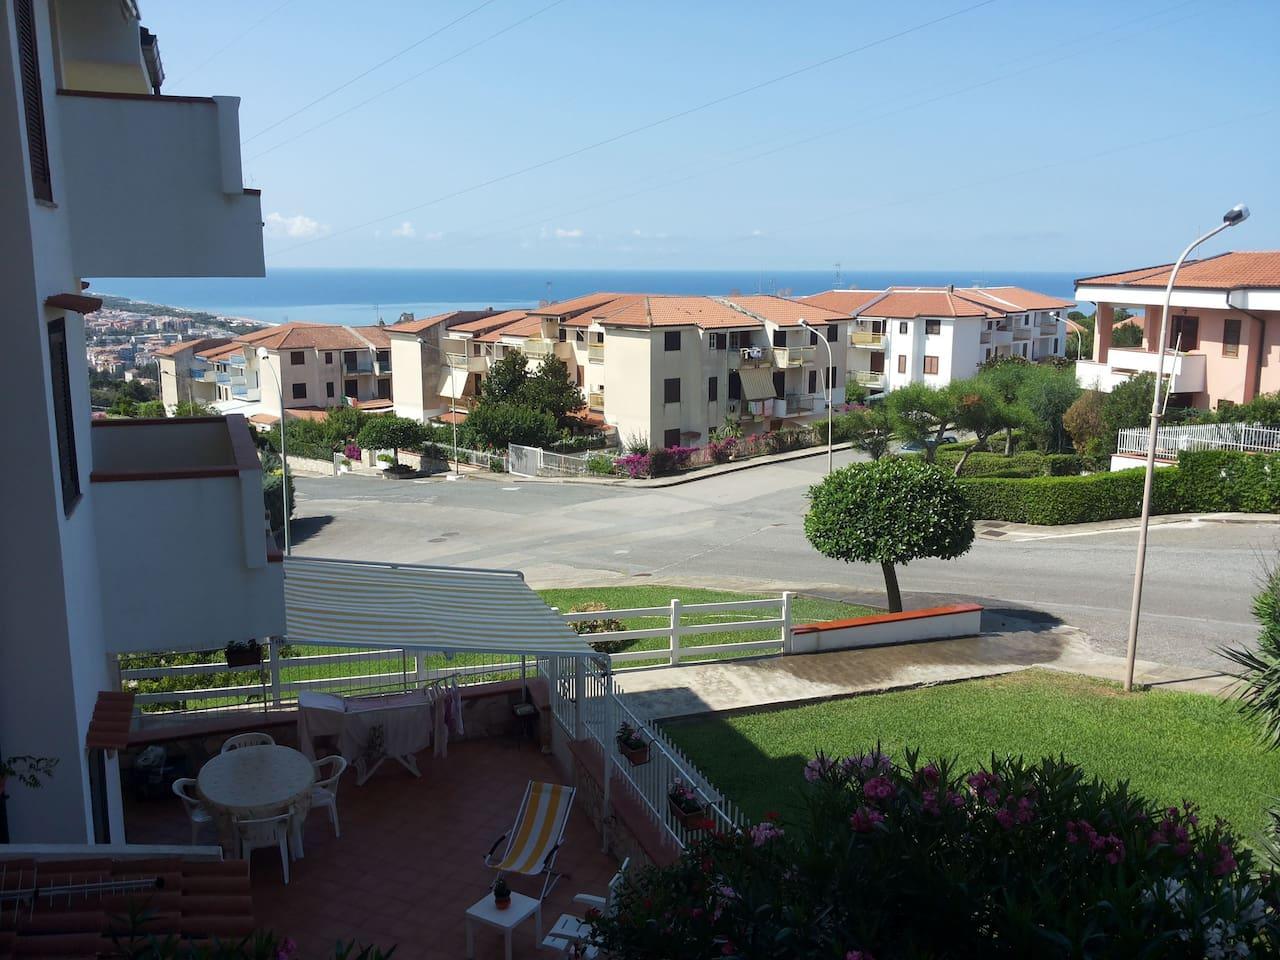 Vista panoramica dal balcone dell'appartamento